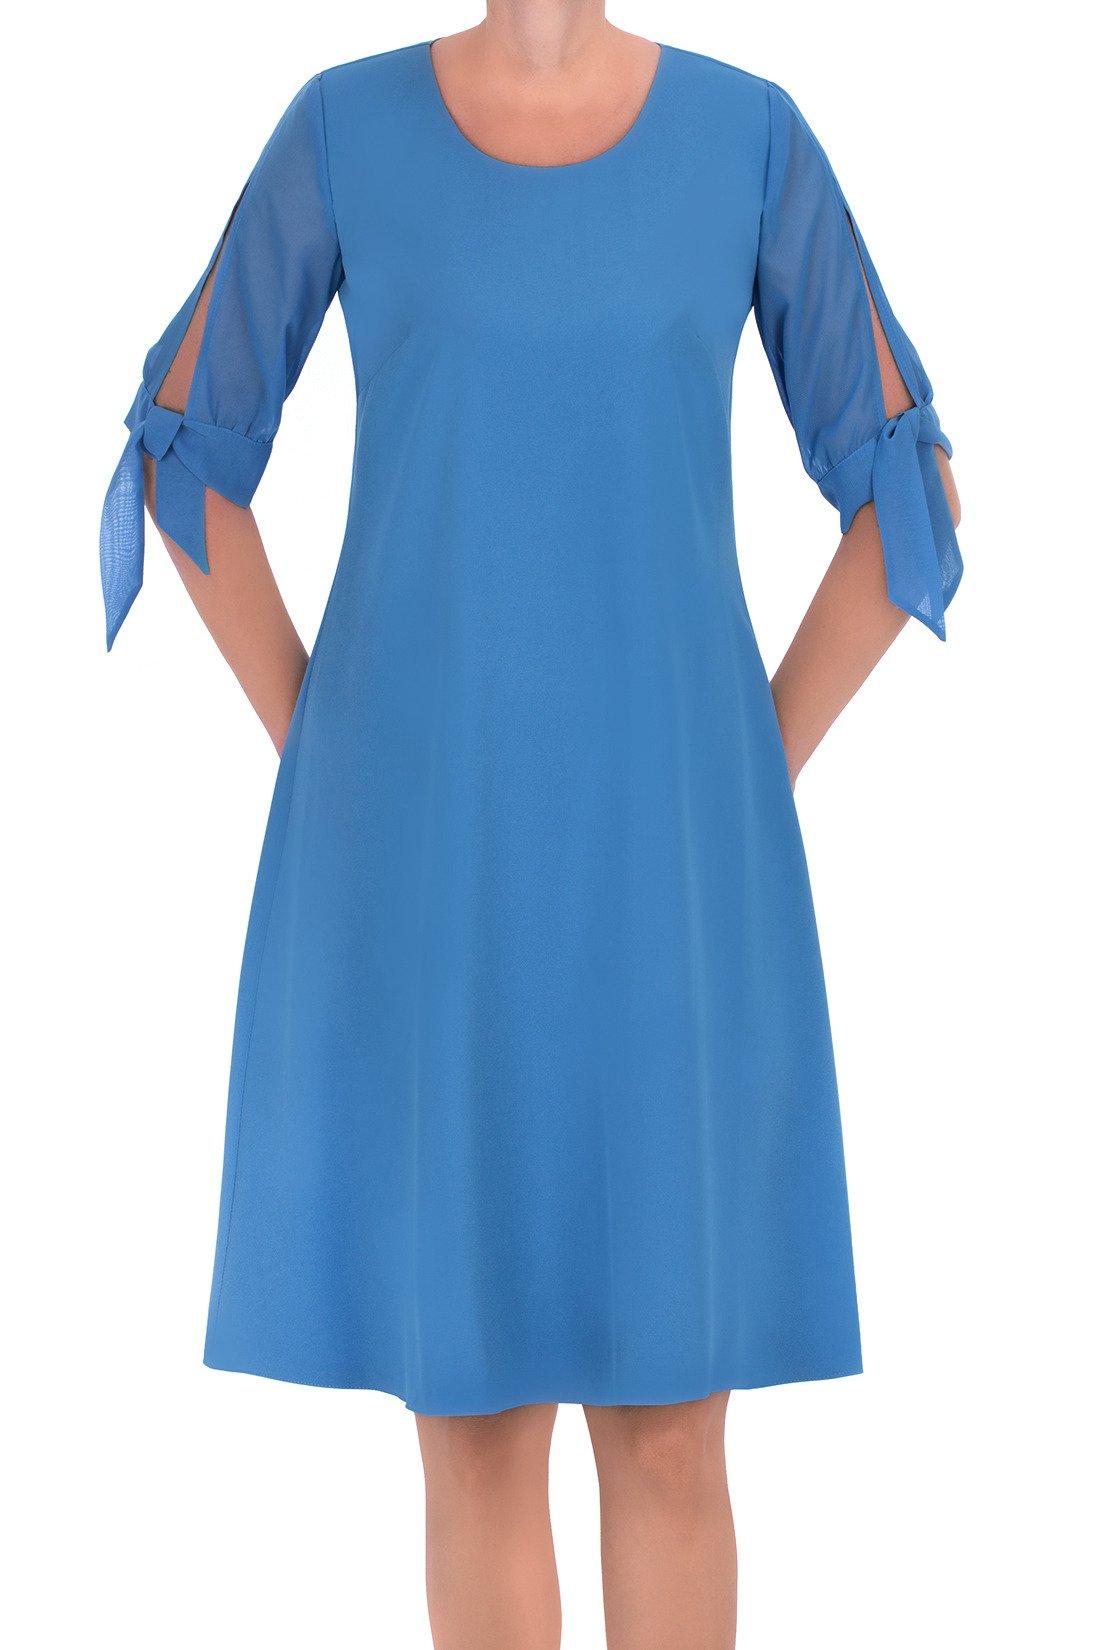 77aec08915 Zwiewna sukienka Żan-Mar trapezowa błękit królewski Kliknij